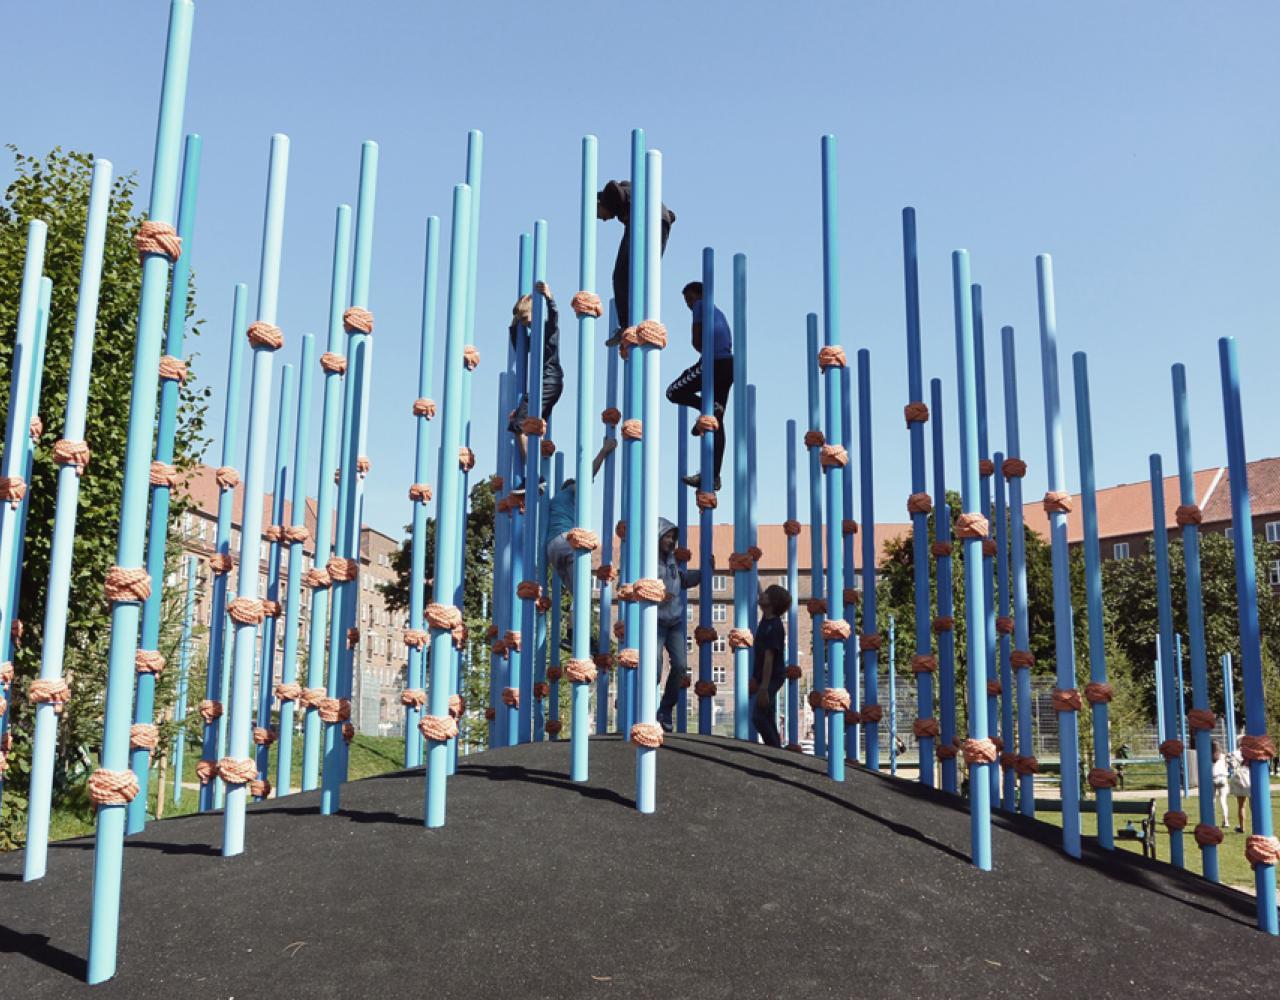 guldbergs plads pæleskov